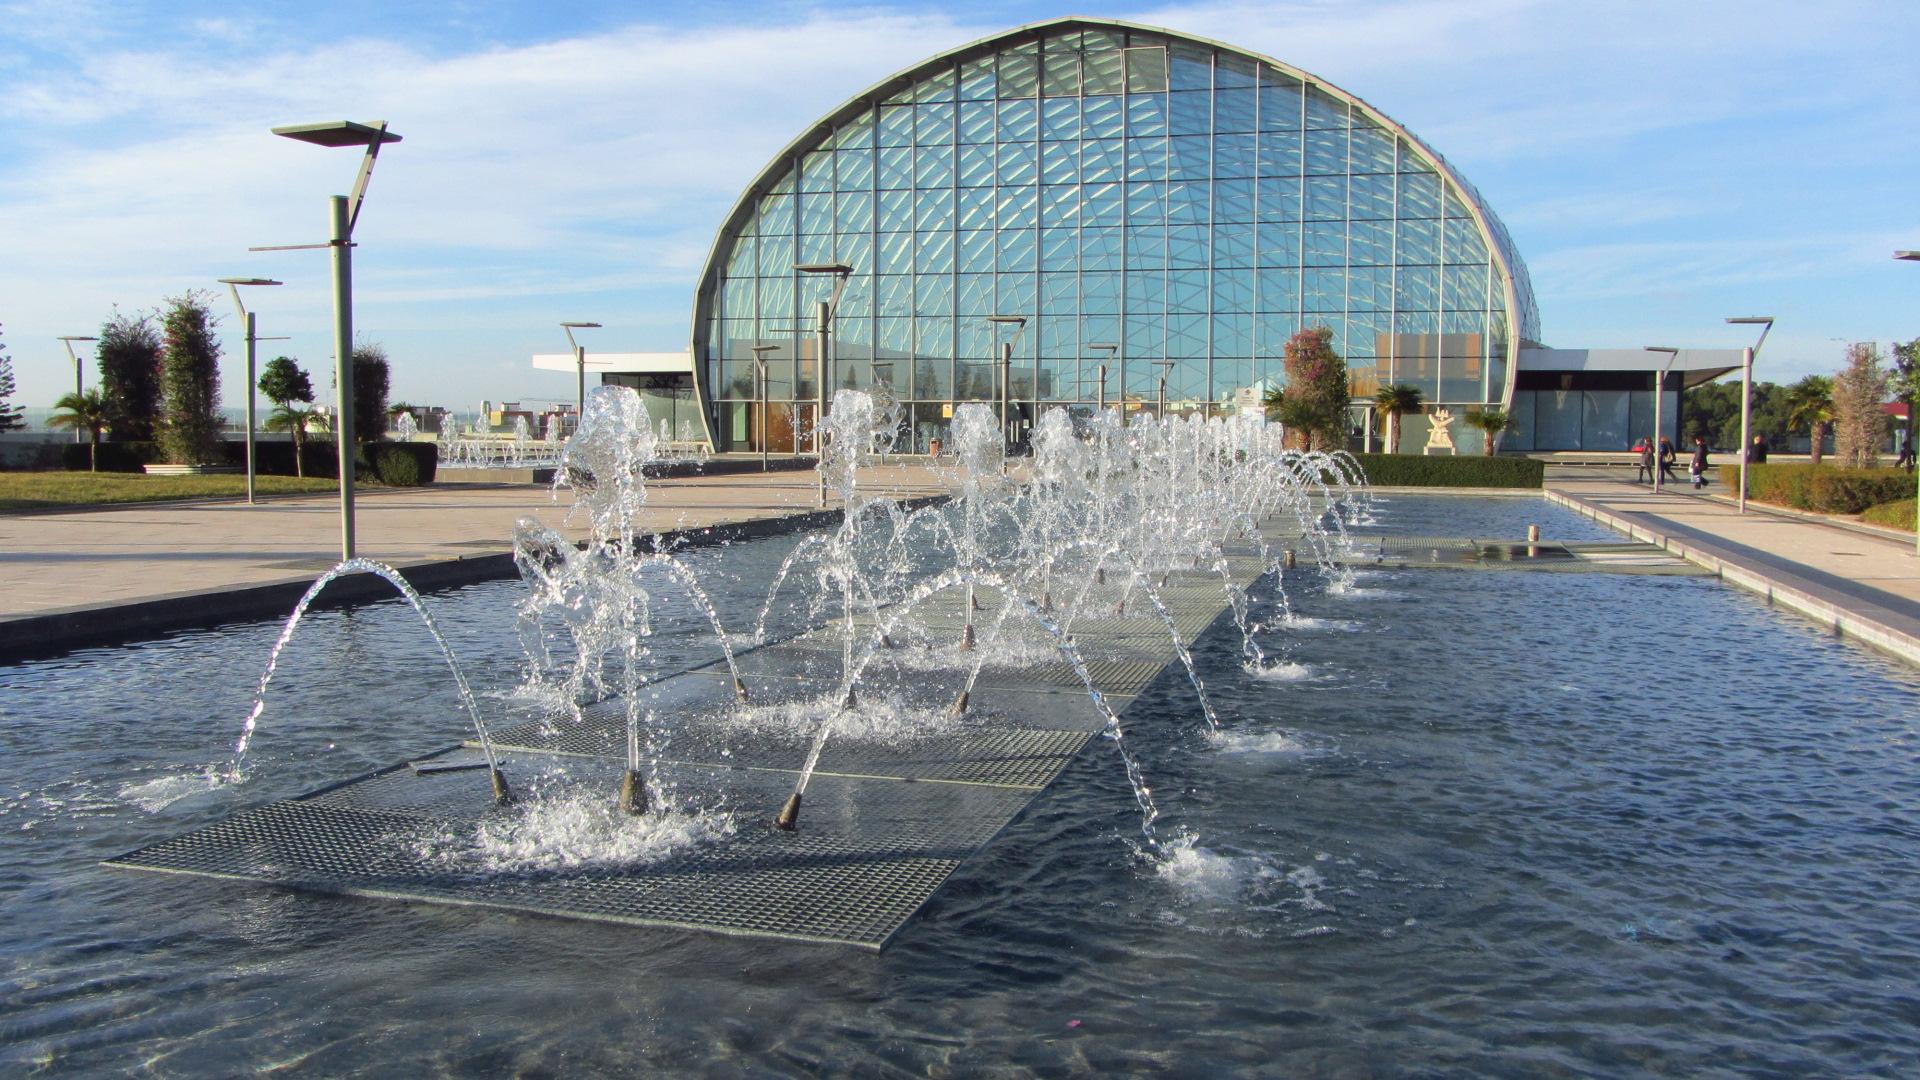 Image:  Magníficas instalaciones de Feria Valencia. Image taken by Nicole Benaud.